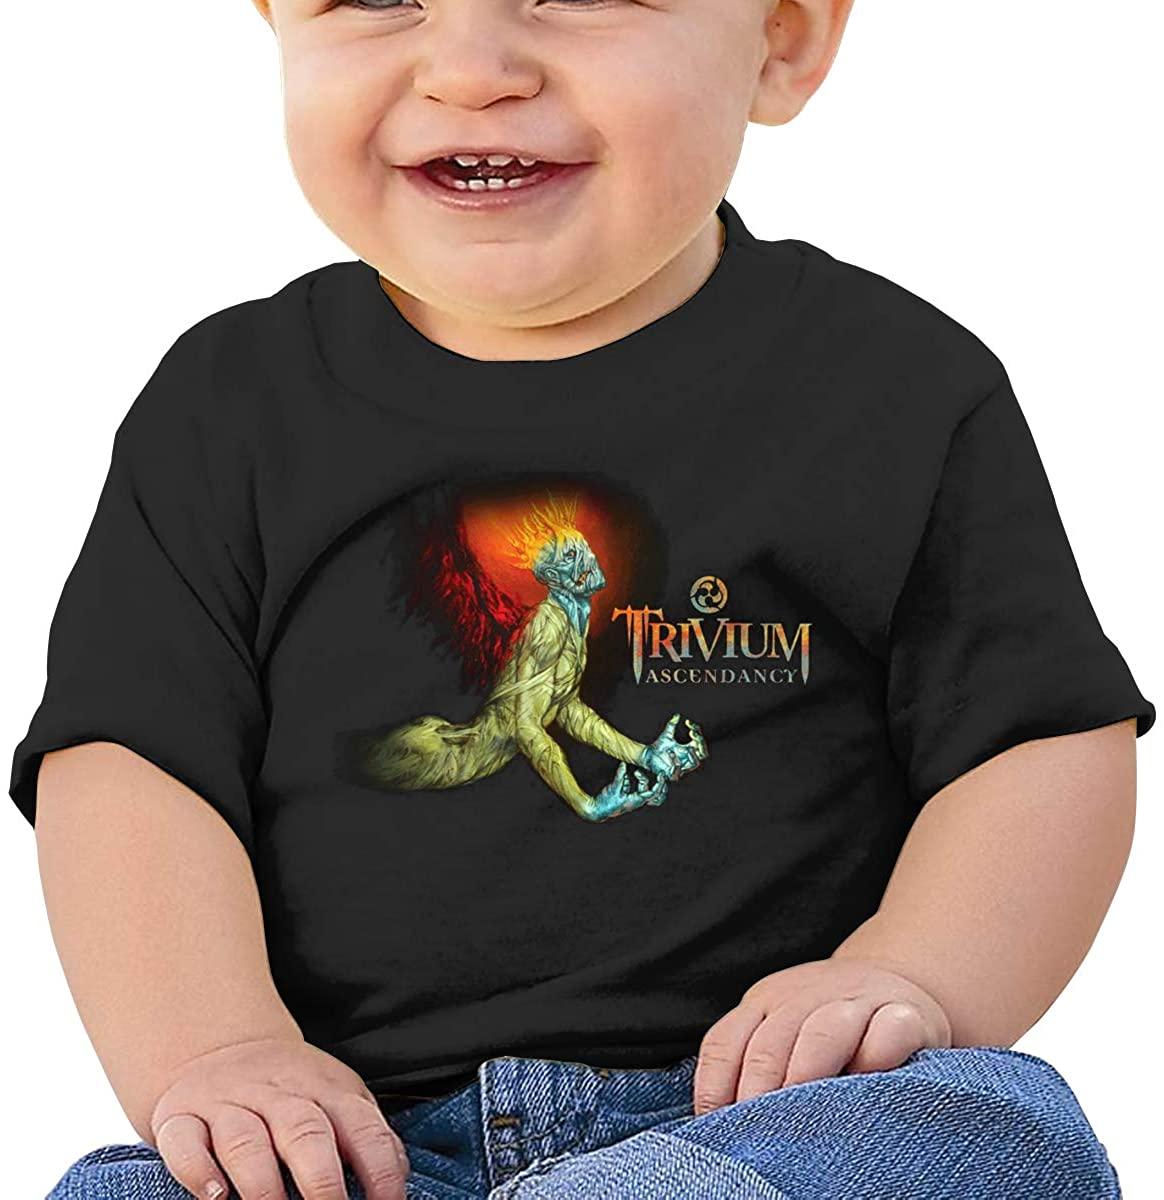 Cute Art Short-Sleeved Style Unique Trivium Ascendancy Baby T-Shirt